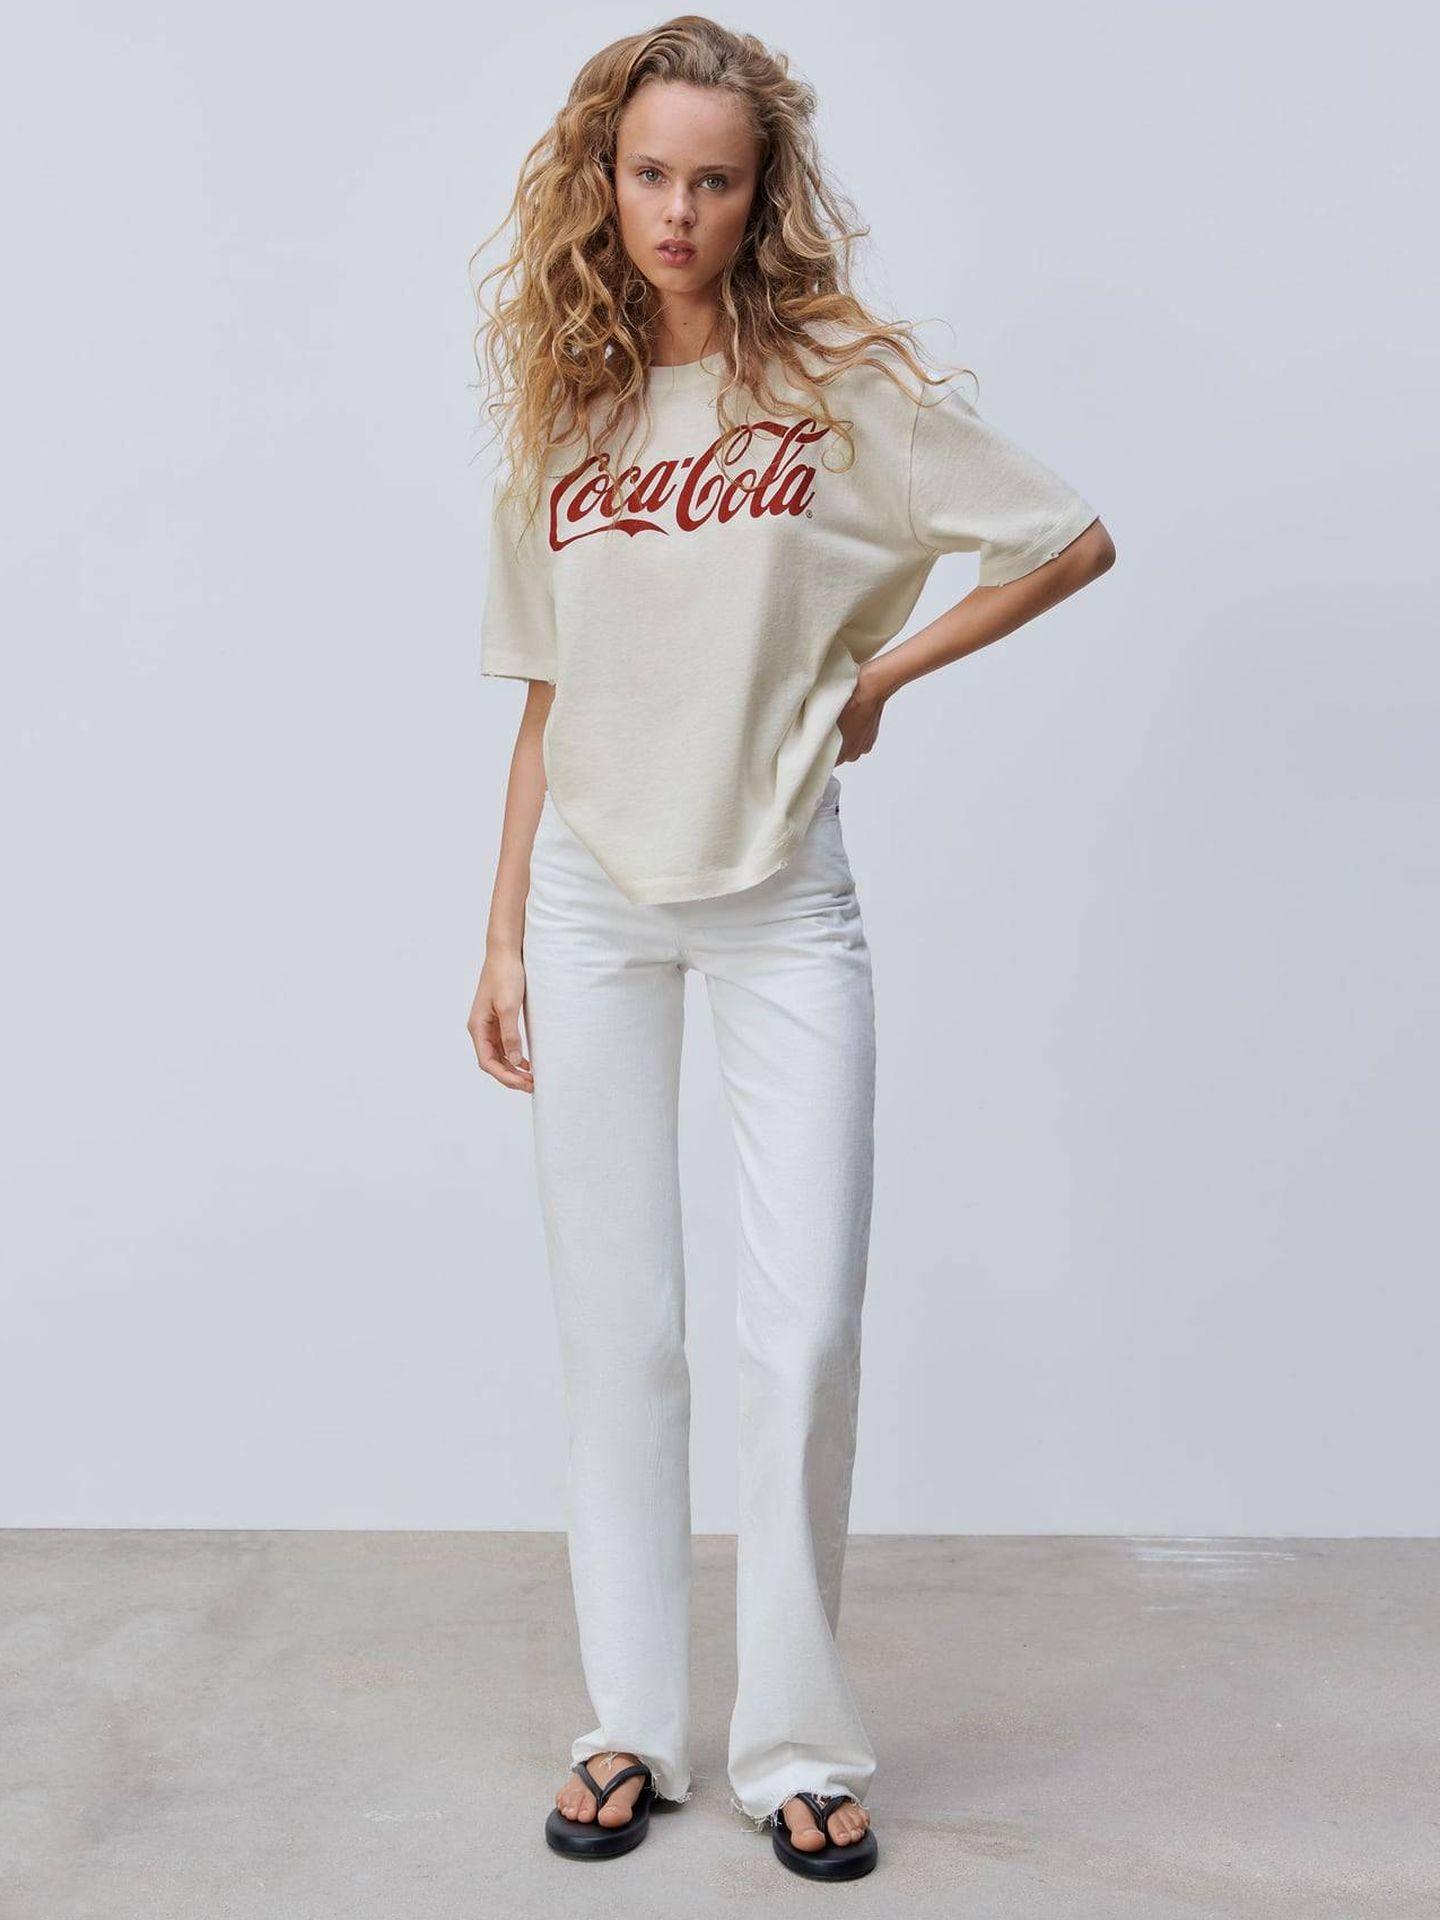 Camiseta de Coca-Cola de Zara. (Cortesía)